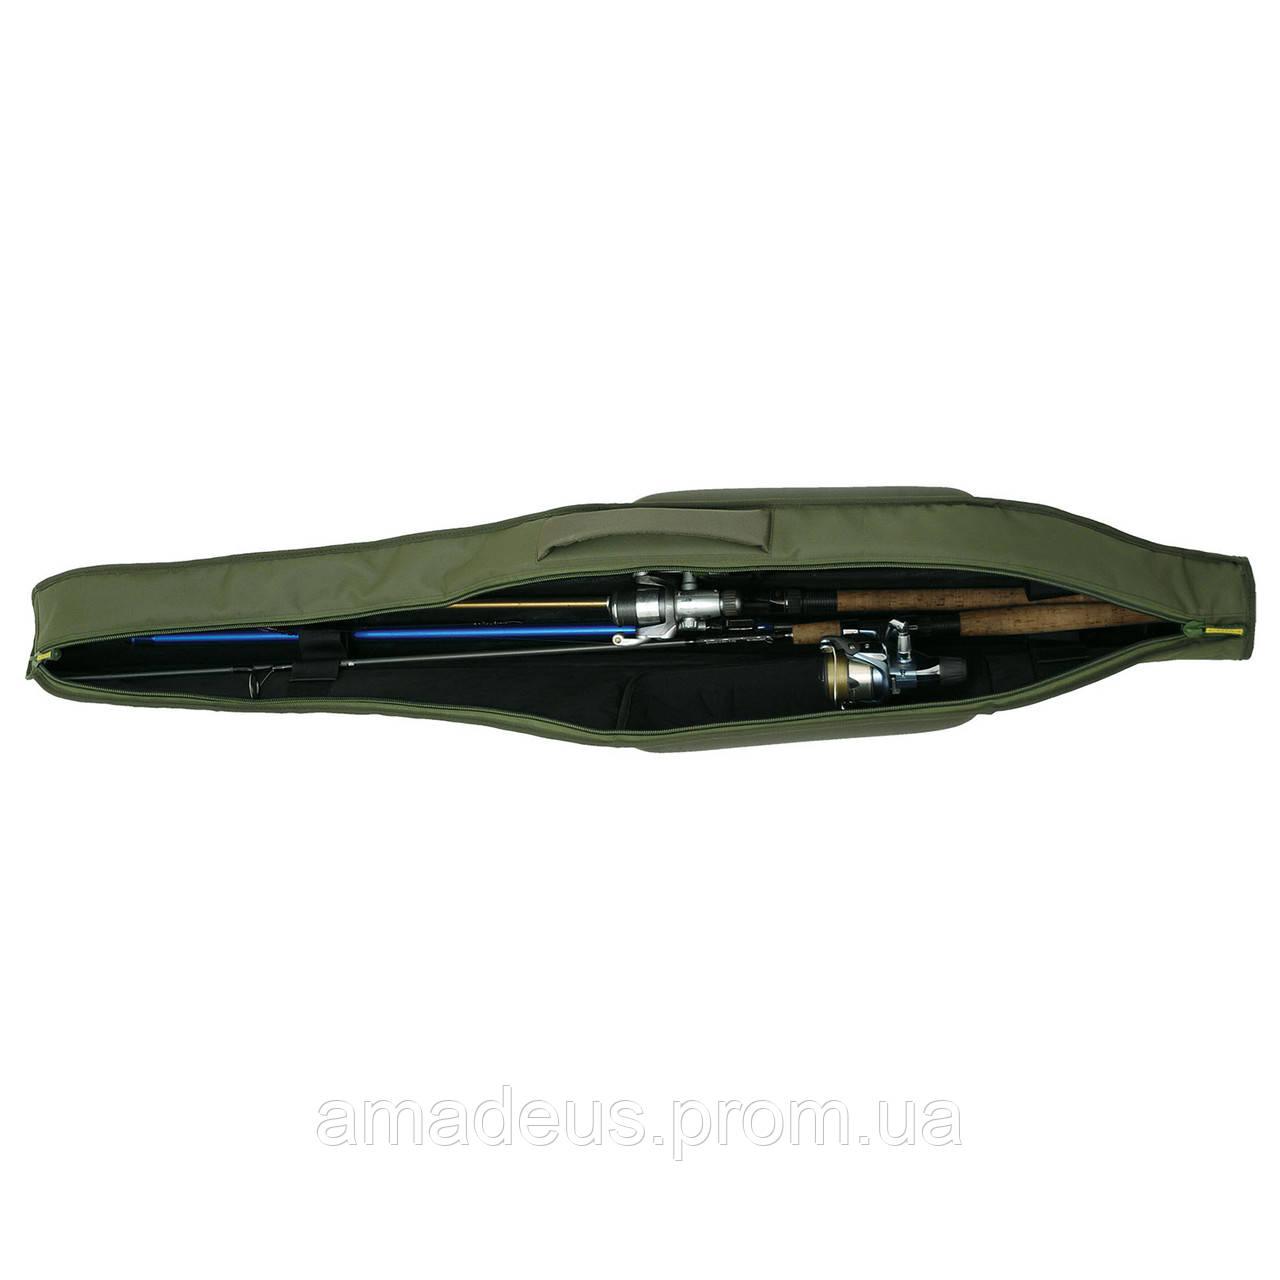 Жесткий футляр на основе пластиковой трубы КВ-18б